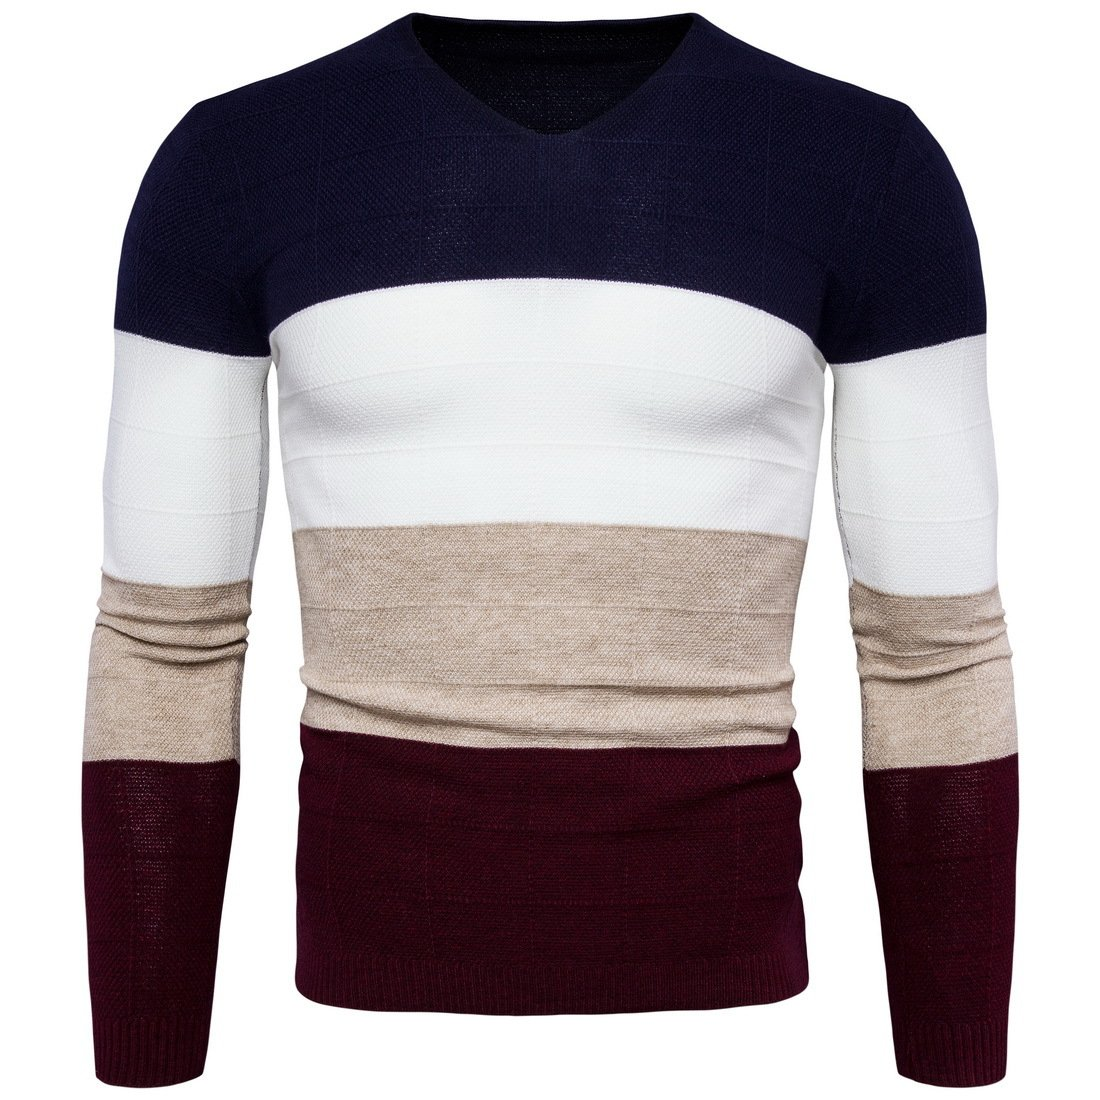 ZHUDJ Herren Pullover_Winter Rollkragen Pullover V-Vier-Farbe Farbe Männer Pullover